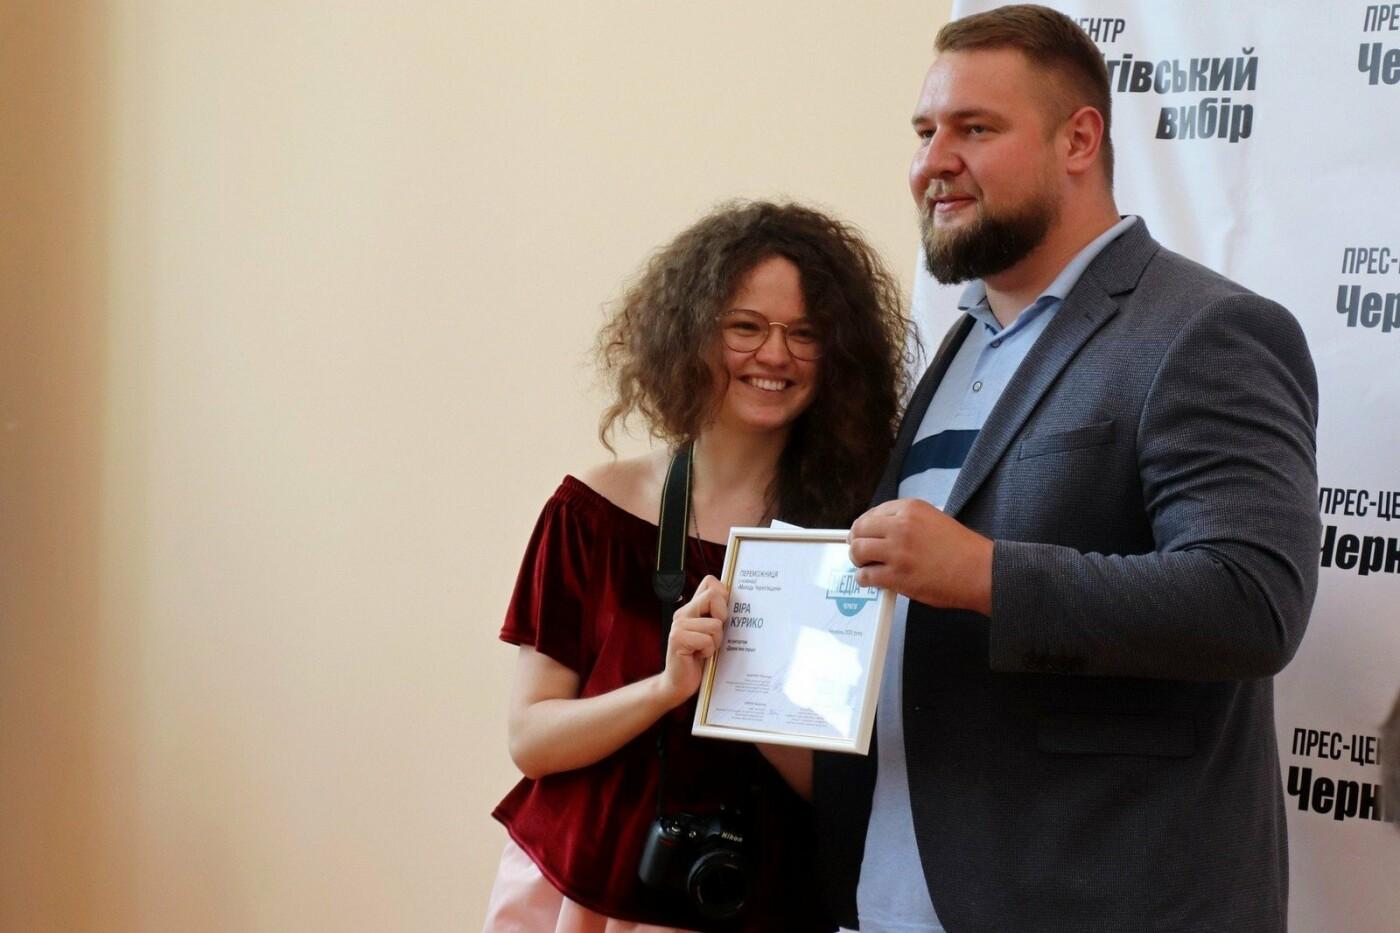 У Чернігові нагородили переможців журналістського конкурсу «МедіаЧе»-2020, фото-2